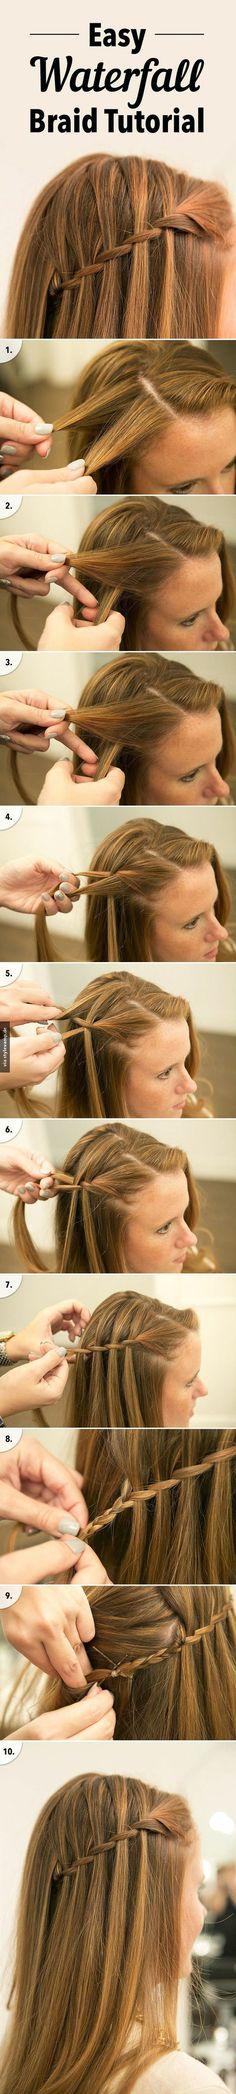 Mit dieser perfekten Frisur kann Silvester endlich kommen! ♥